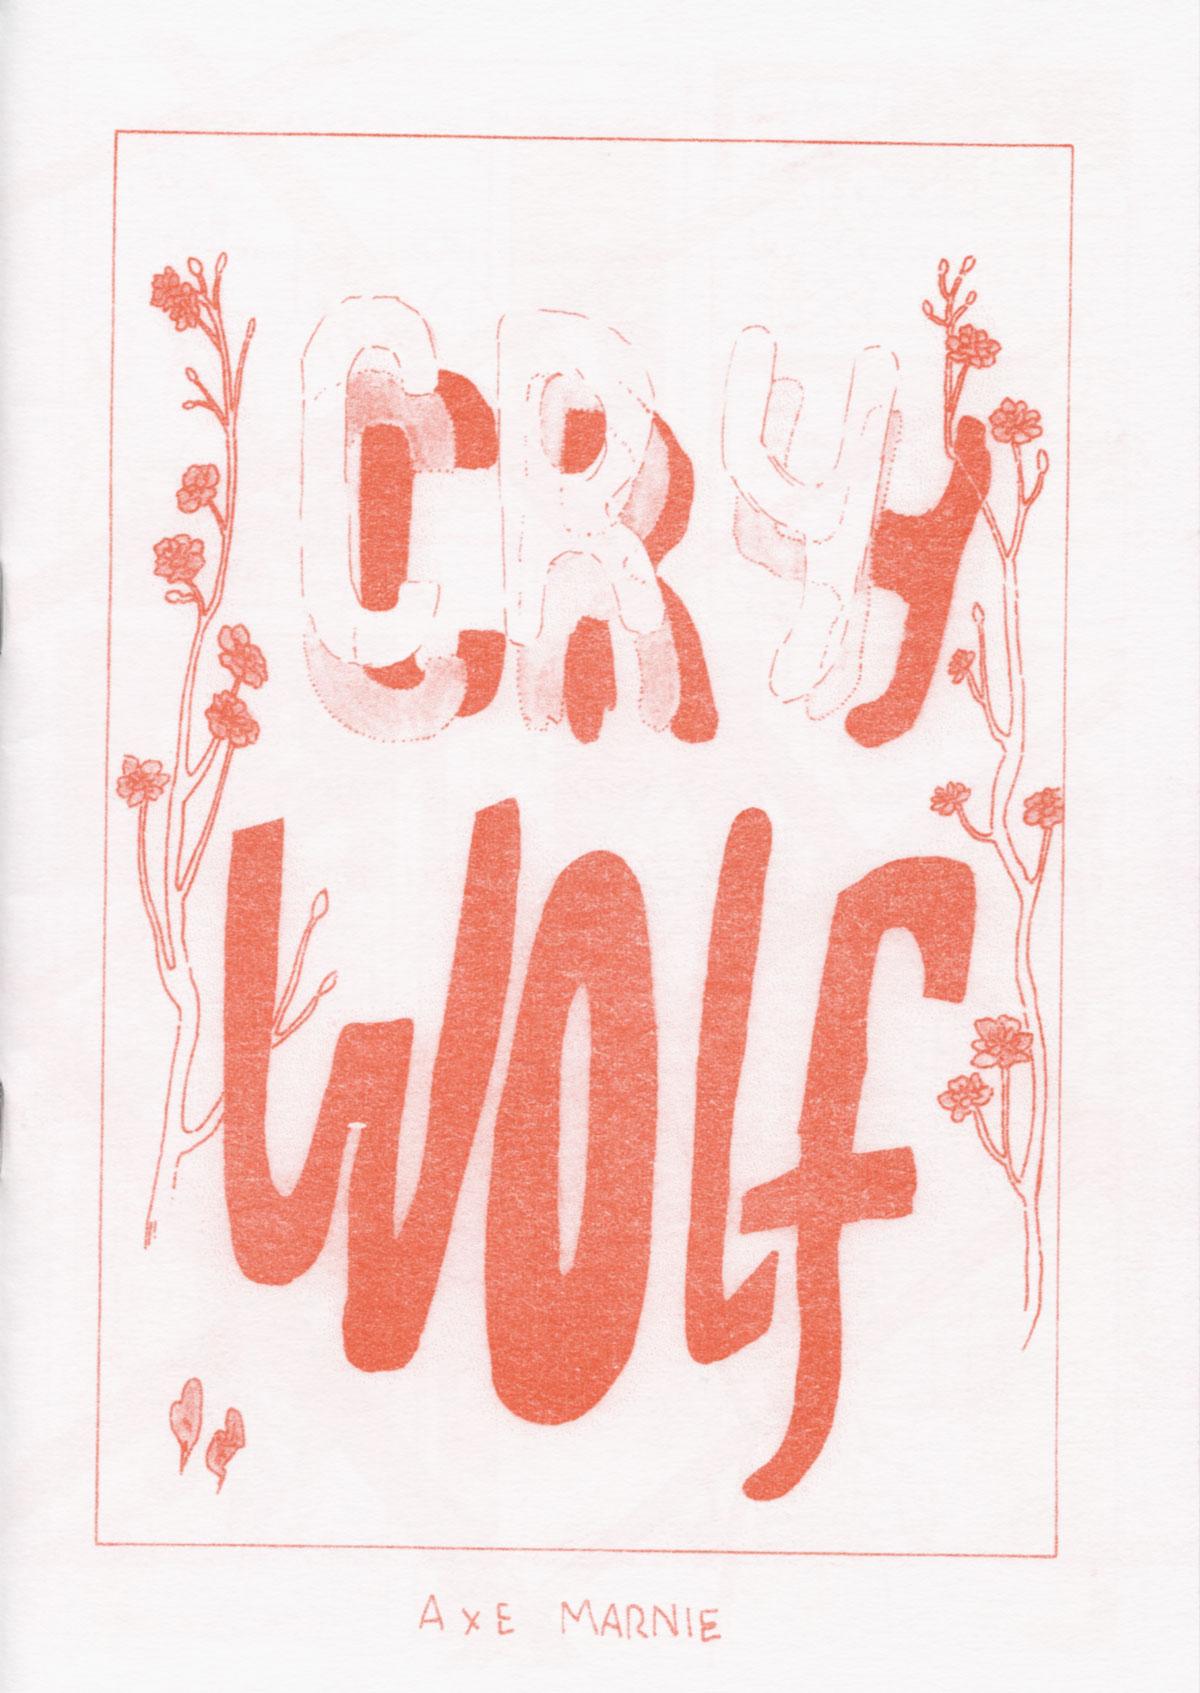 Crywolf by Axe Marnie